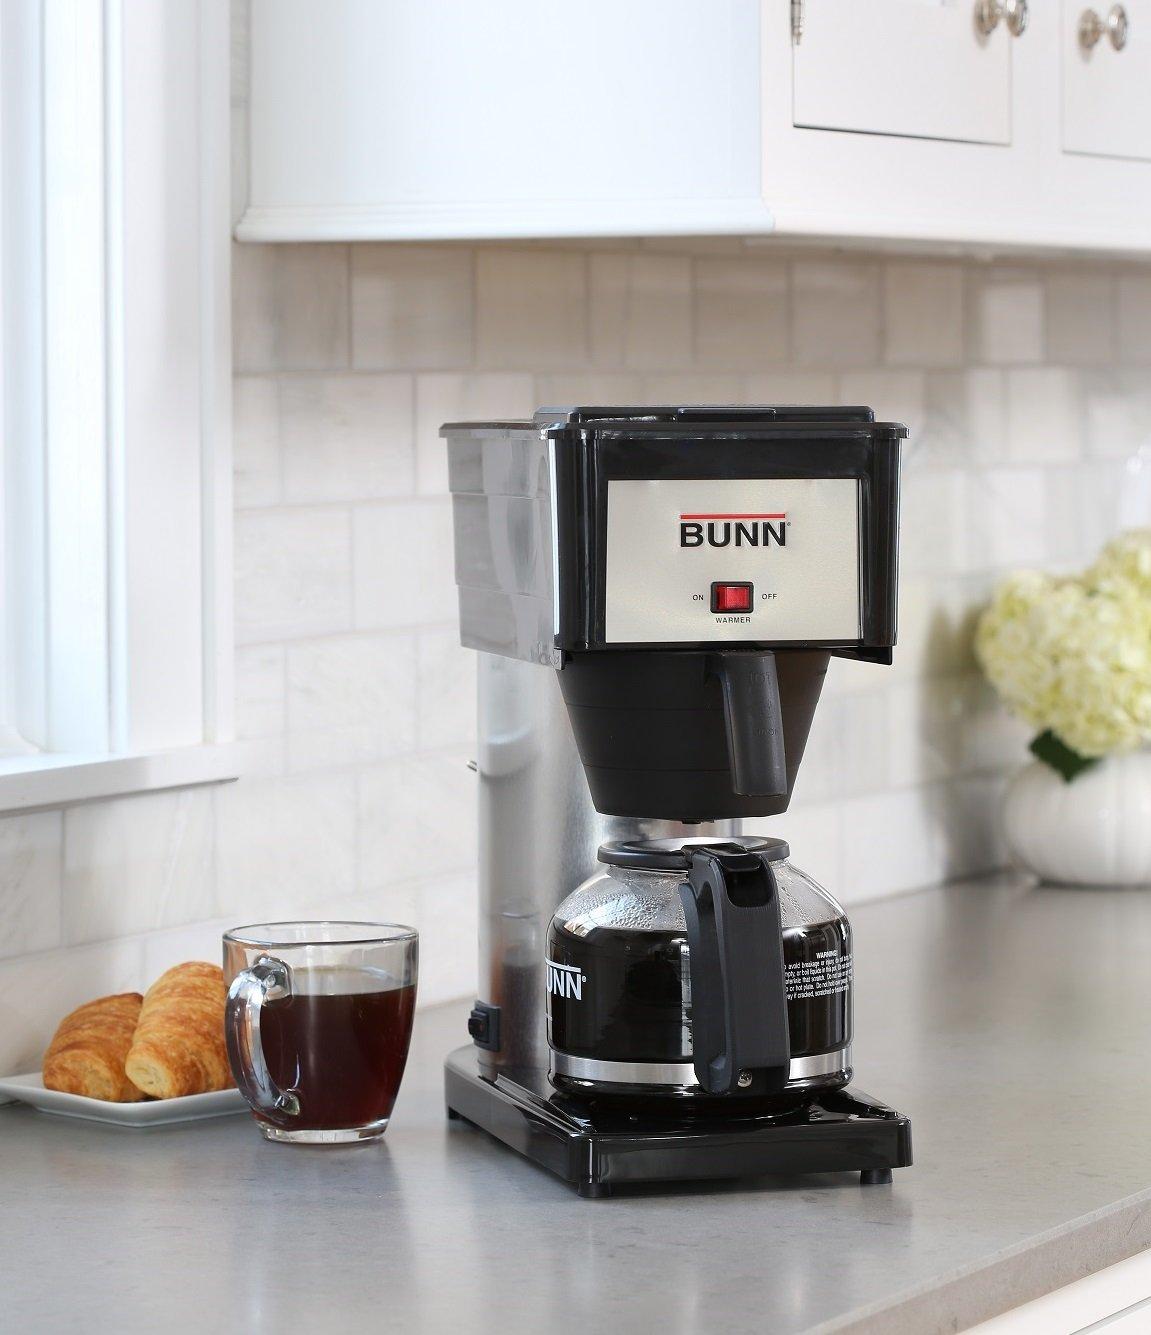 amazon com 72504077840 drip coffeemakers industrial scientific rh amazon com Bunn BXB Velocity Bunn Bxb Recall